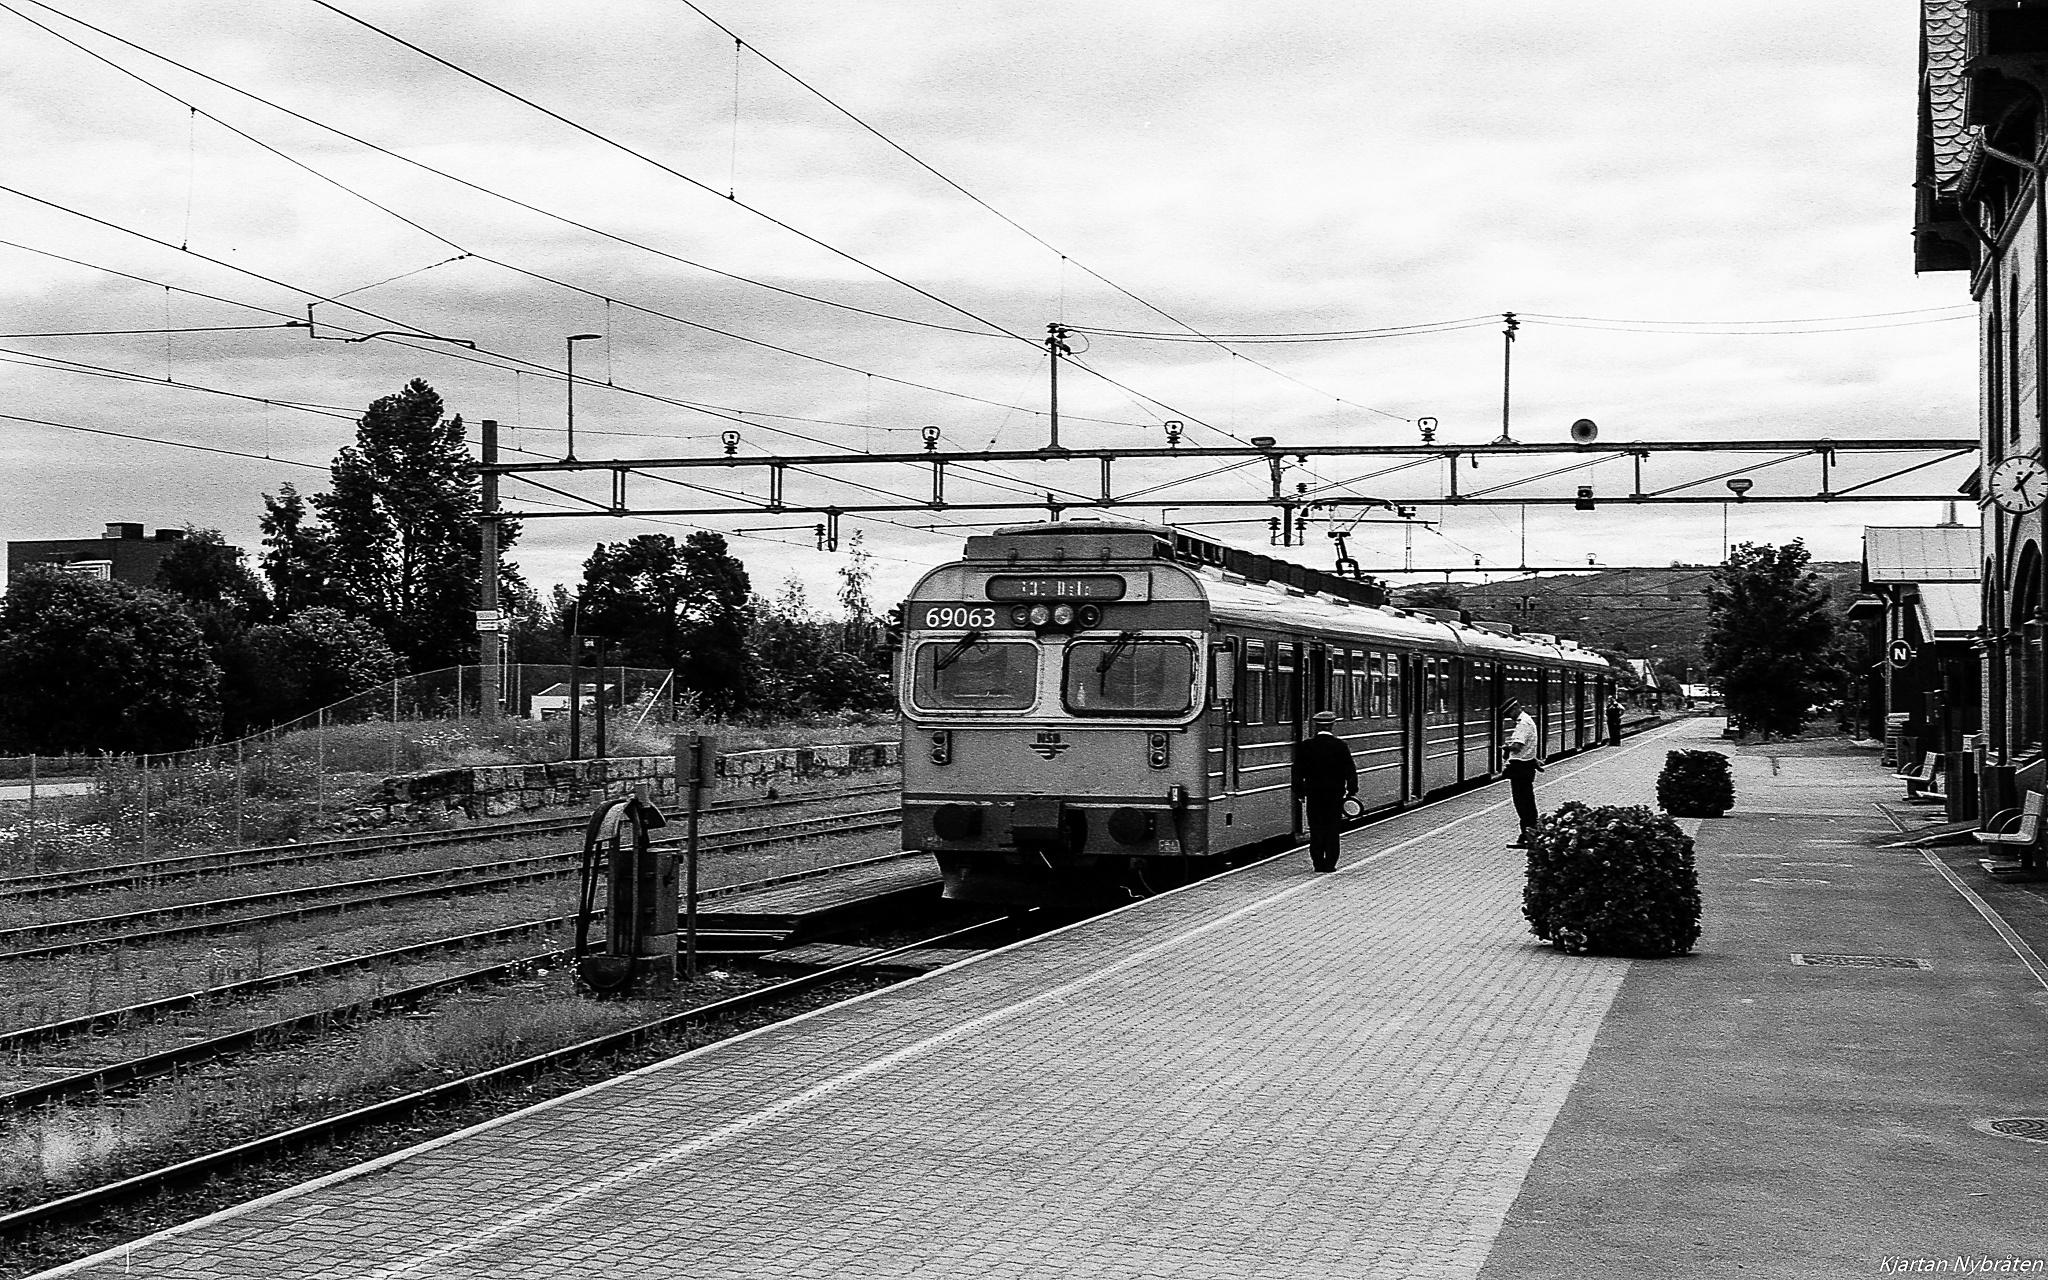 An old train by Kjartan